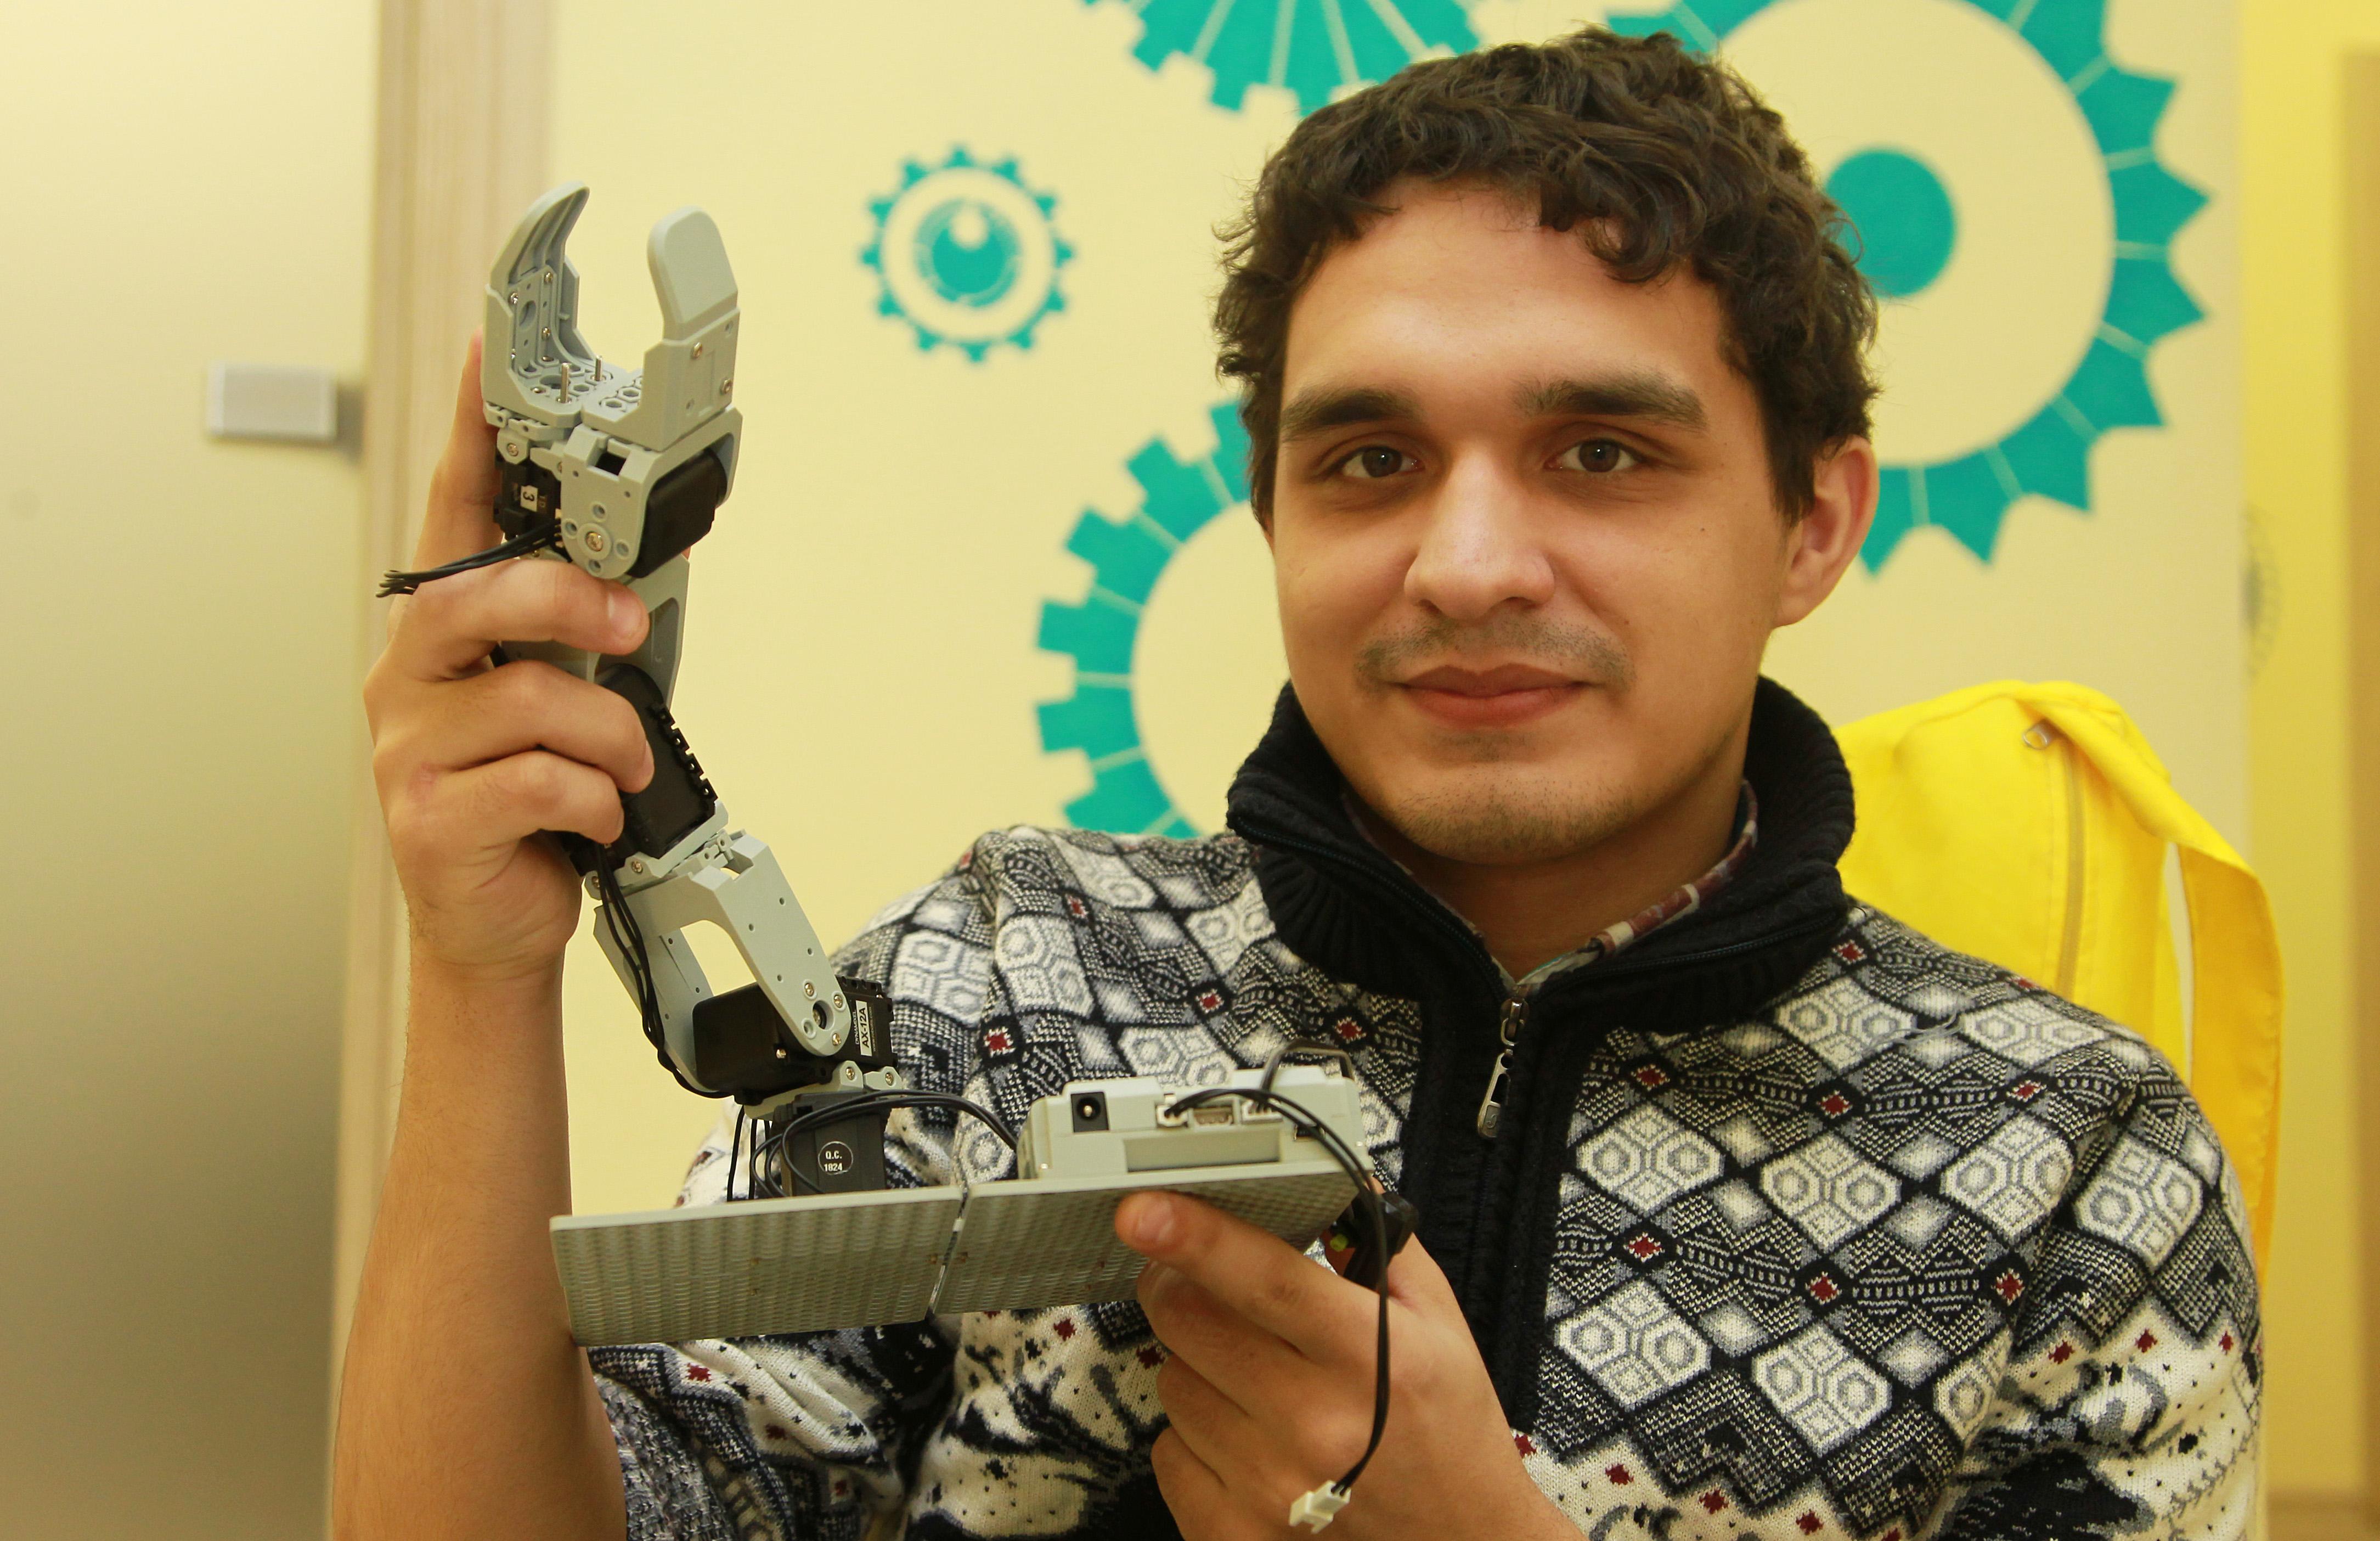 Москва устроит онлайн-чемпионат разработчиков искусственного интеллекта